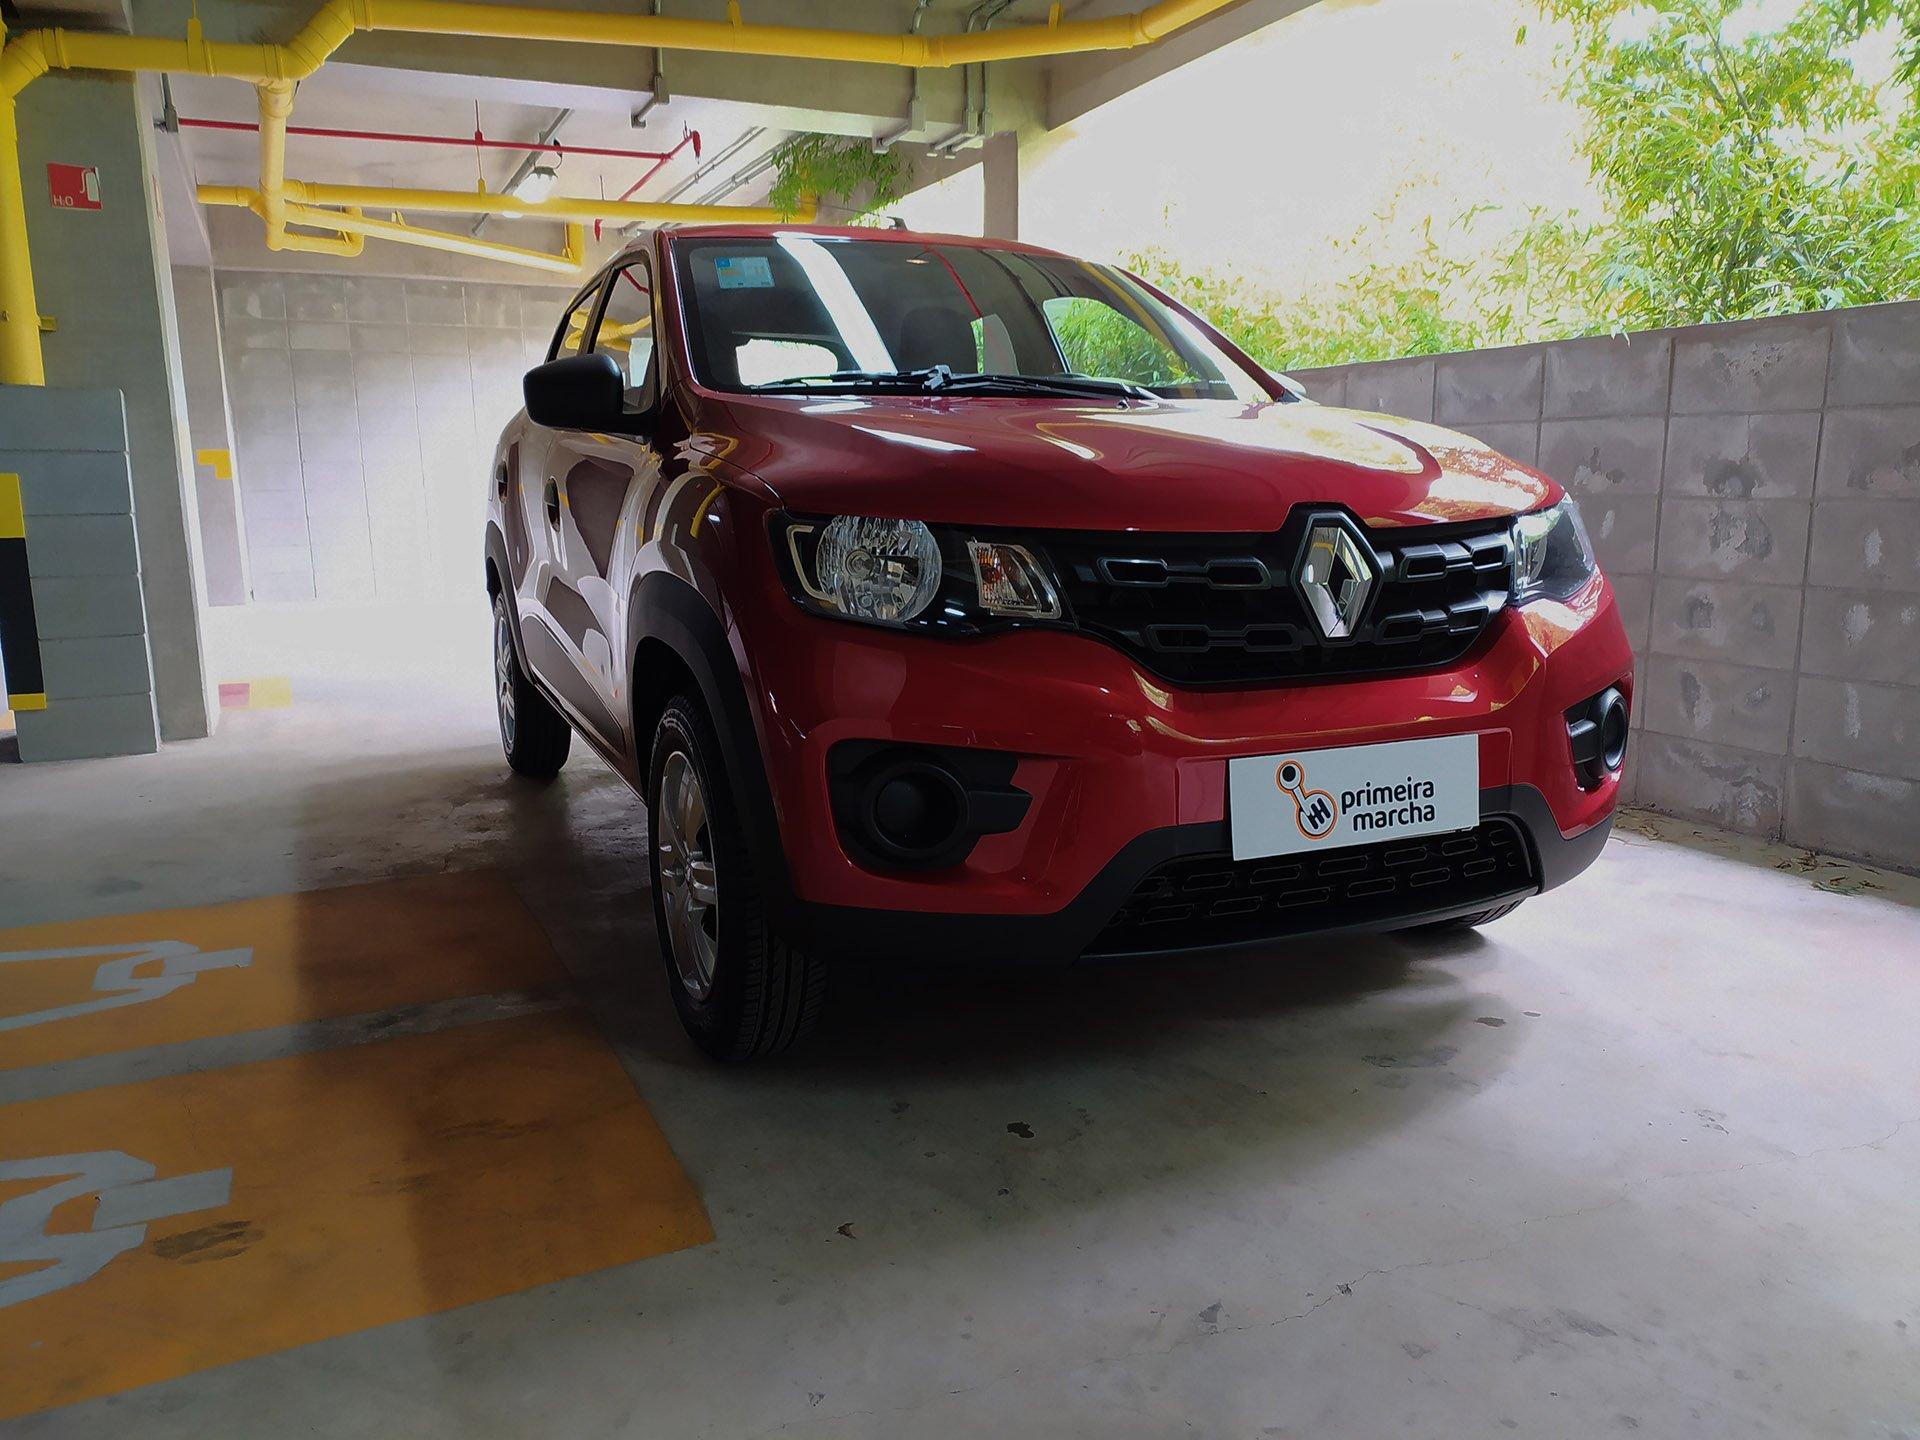 Avaliação: Renault Kwid Zen é bom amigo para cidade